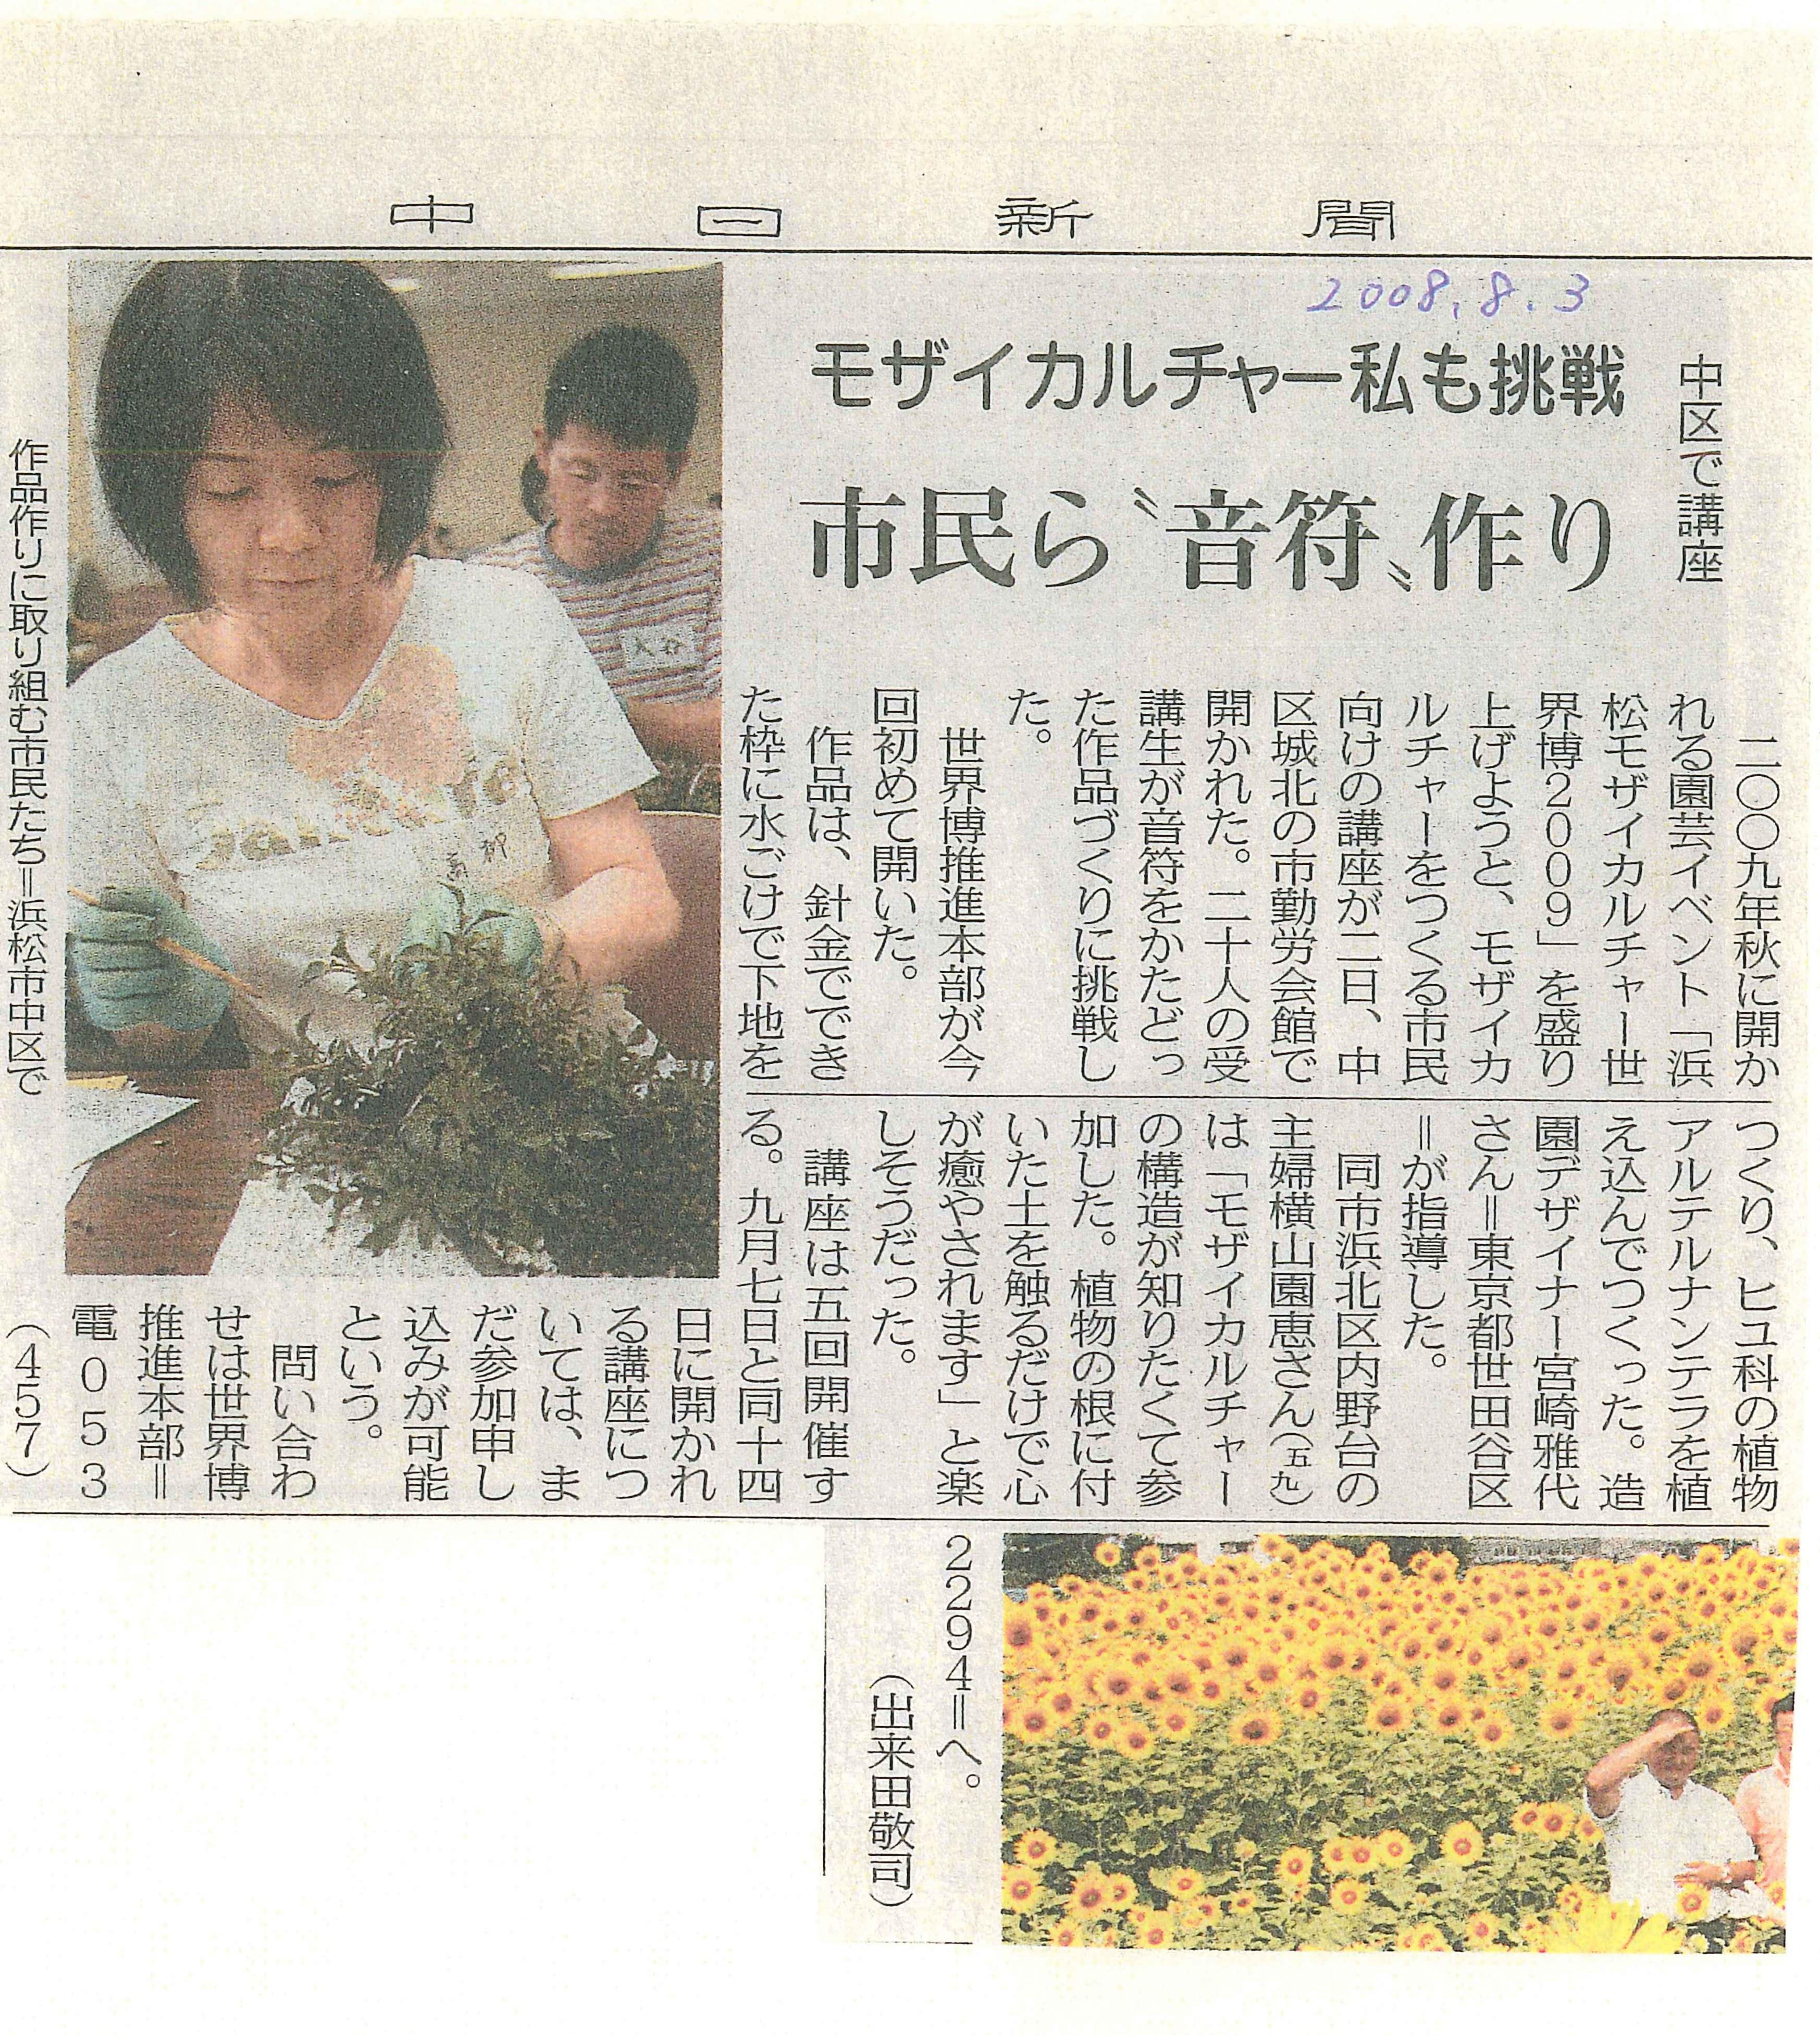 「浜松モザイカルチャー世界博2009」市民講座講師担当